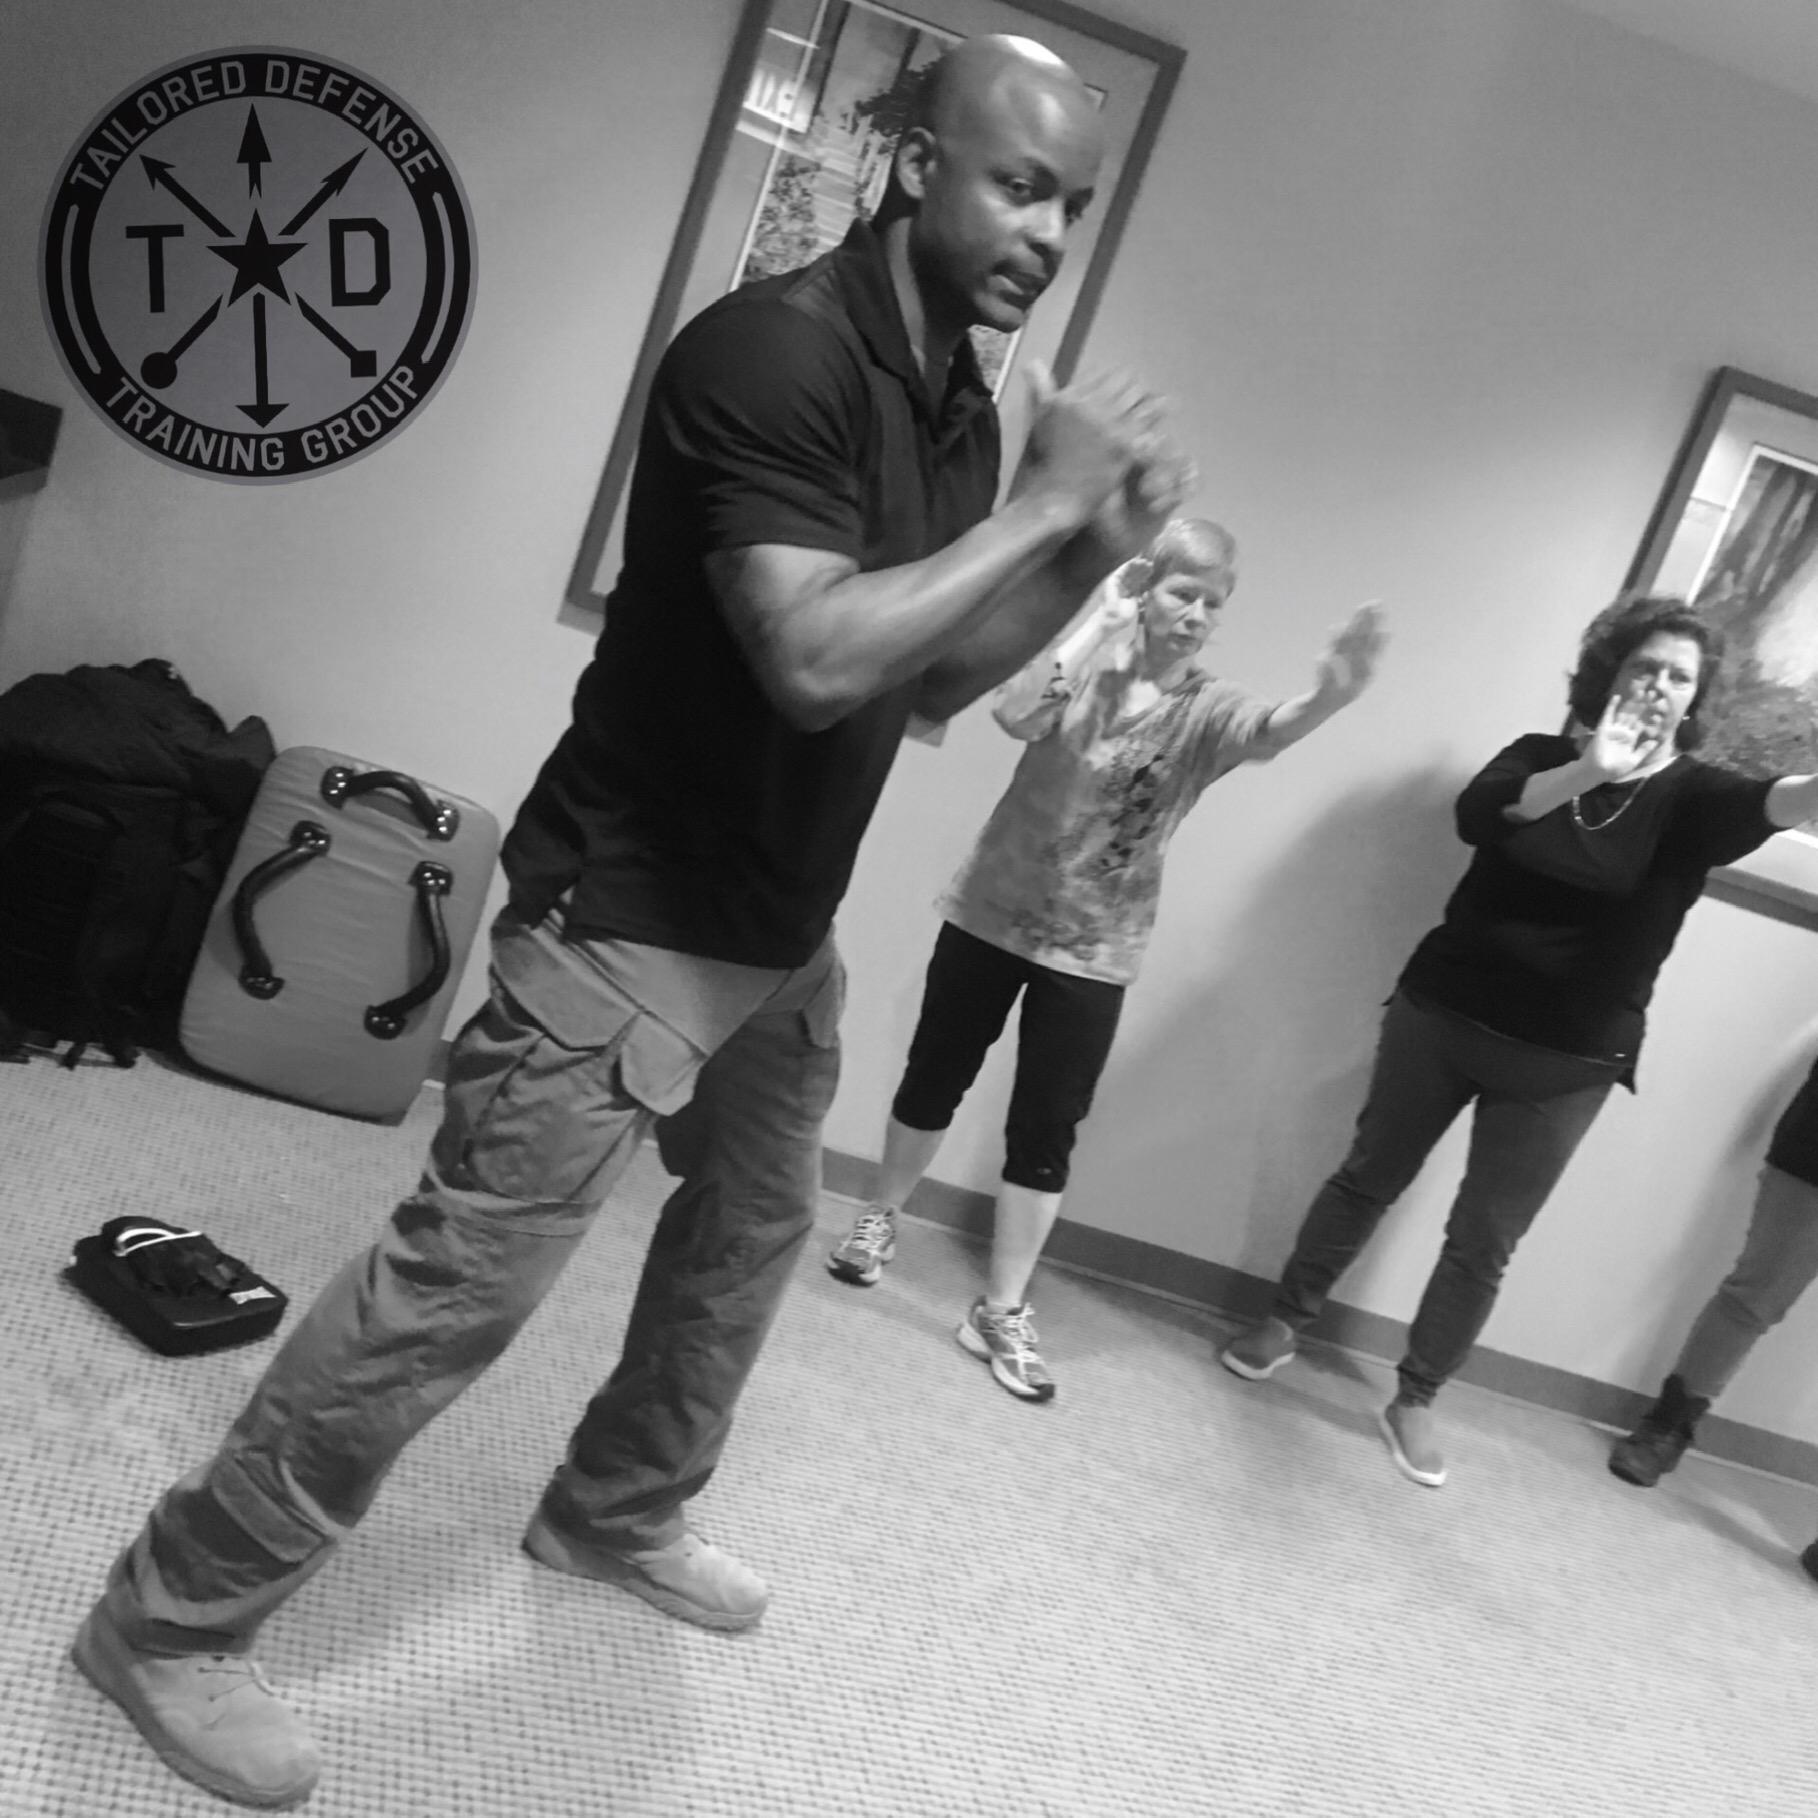 Self-Defense Workshop - Community